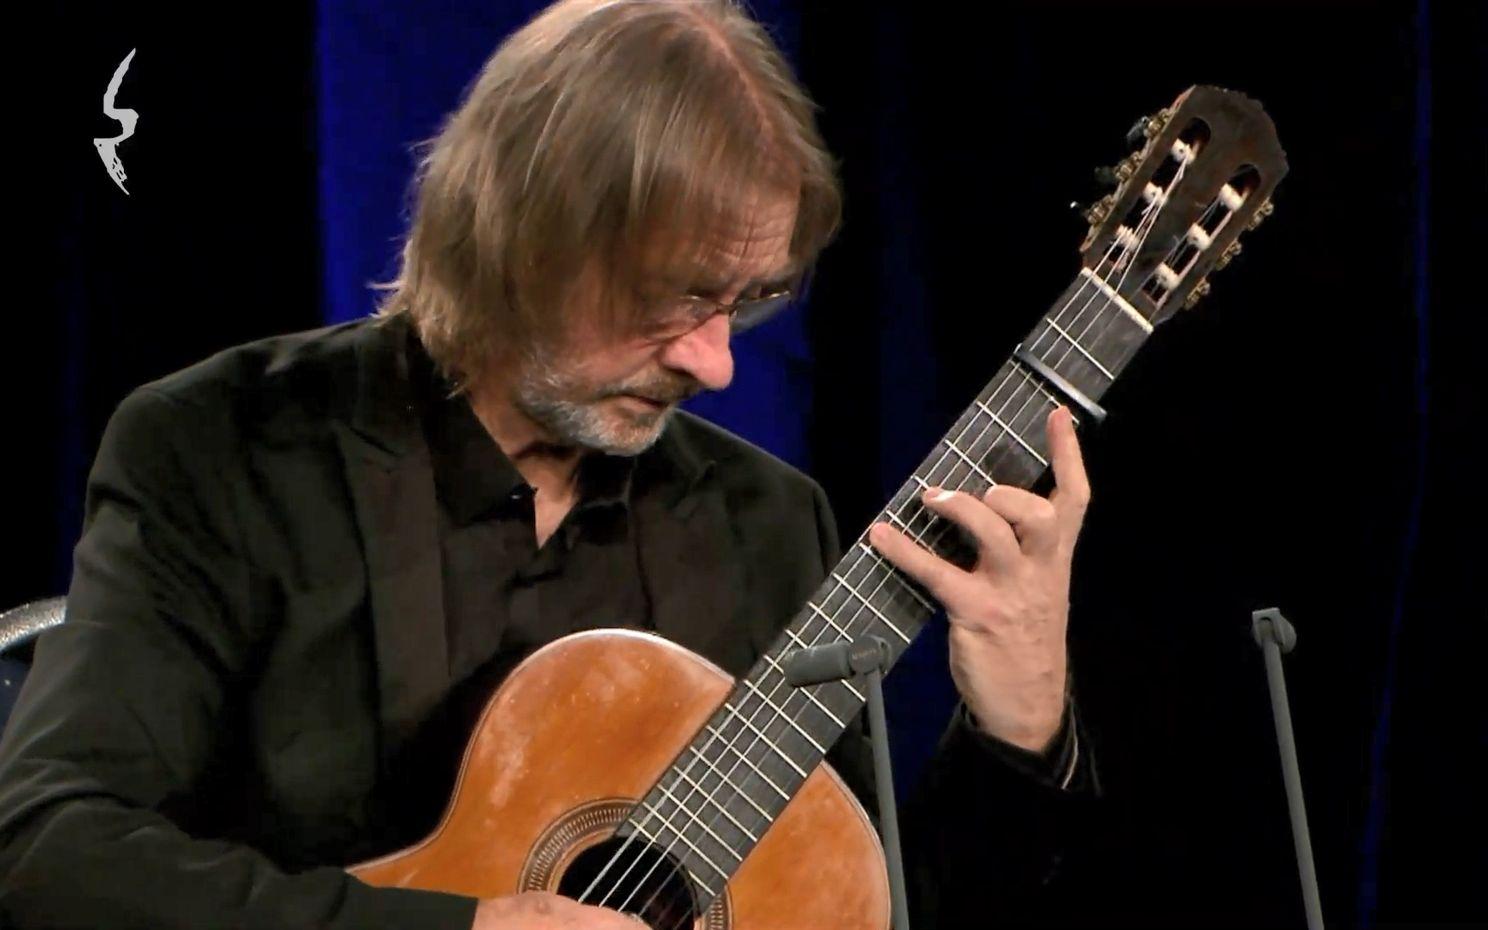 【古典吉他】David Russell 在线演奏会 Livestream 1